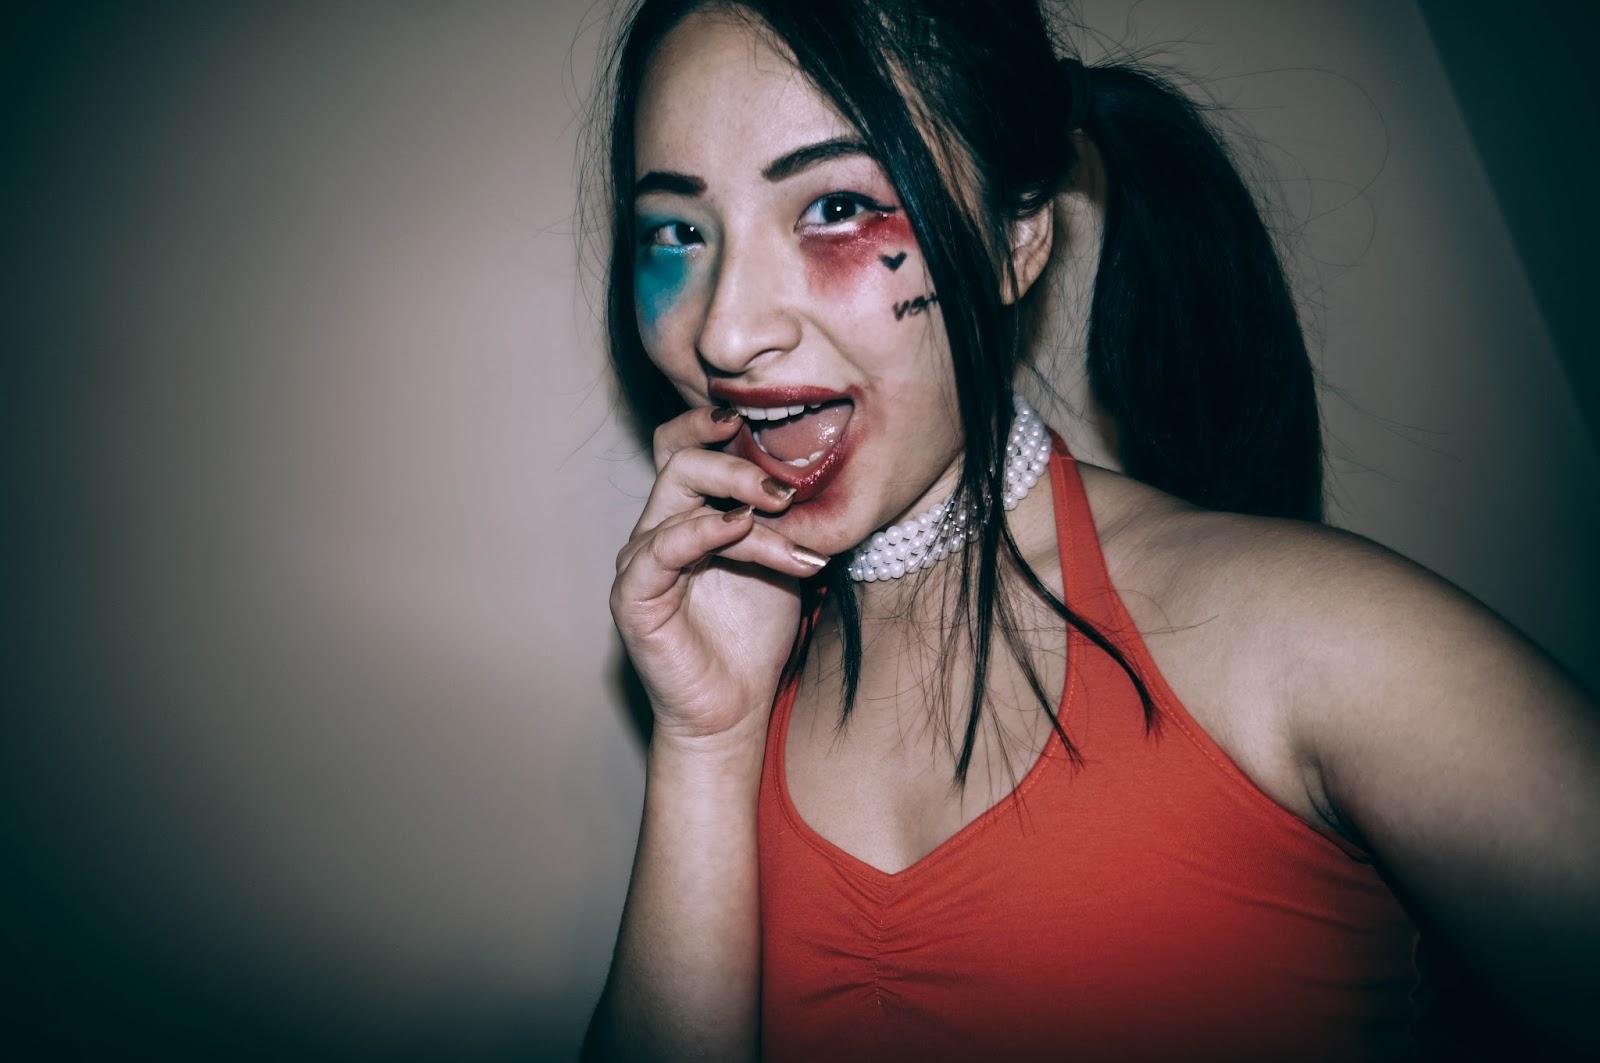 SUICIDE SQUAD: Harley Quinn Joker Makeup